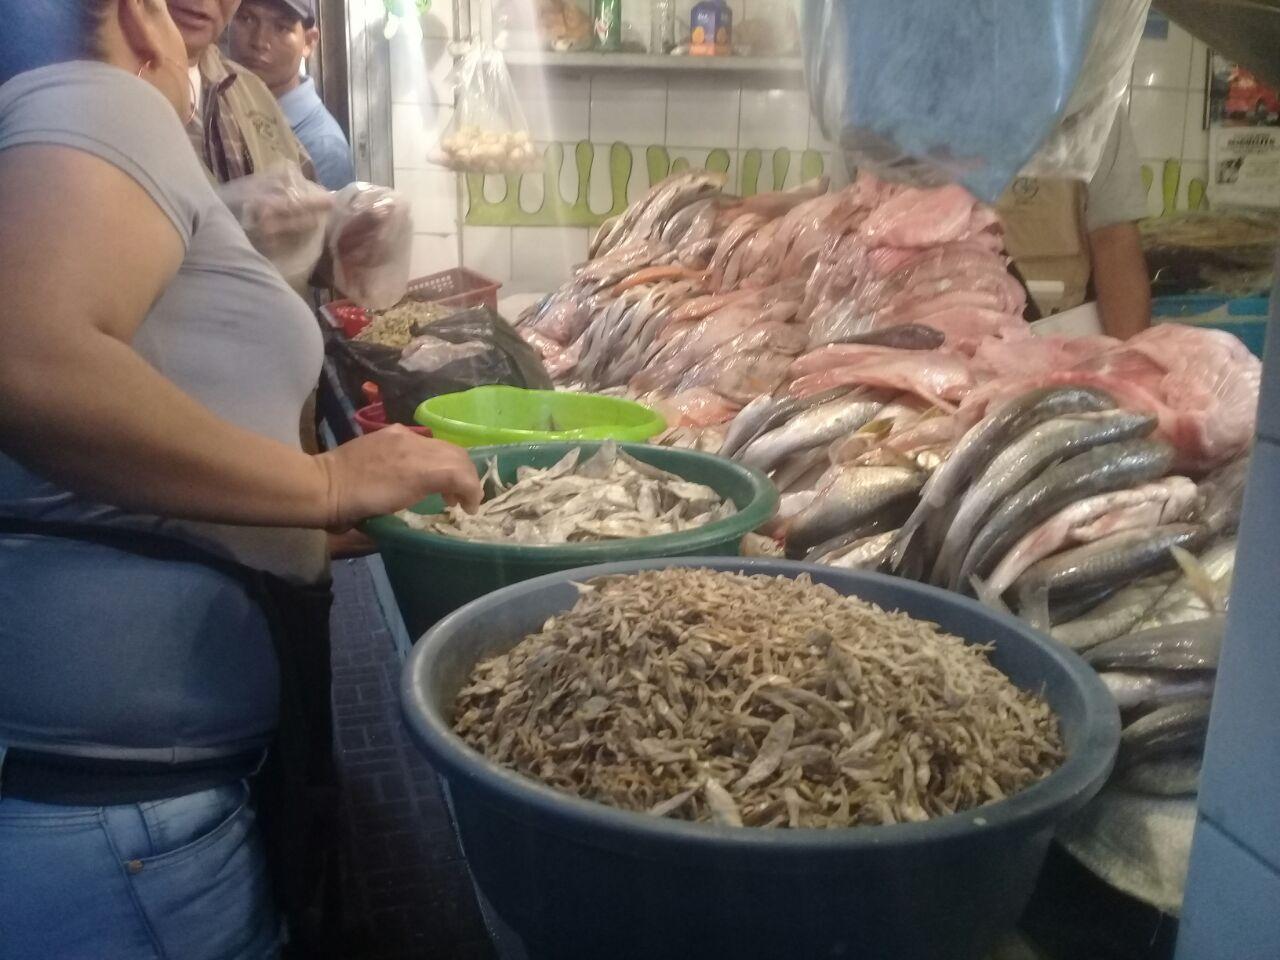 Mejoran las ventas de mariscos en la capital hondureña